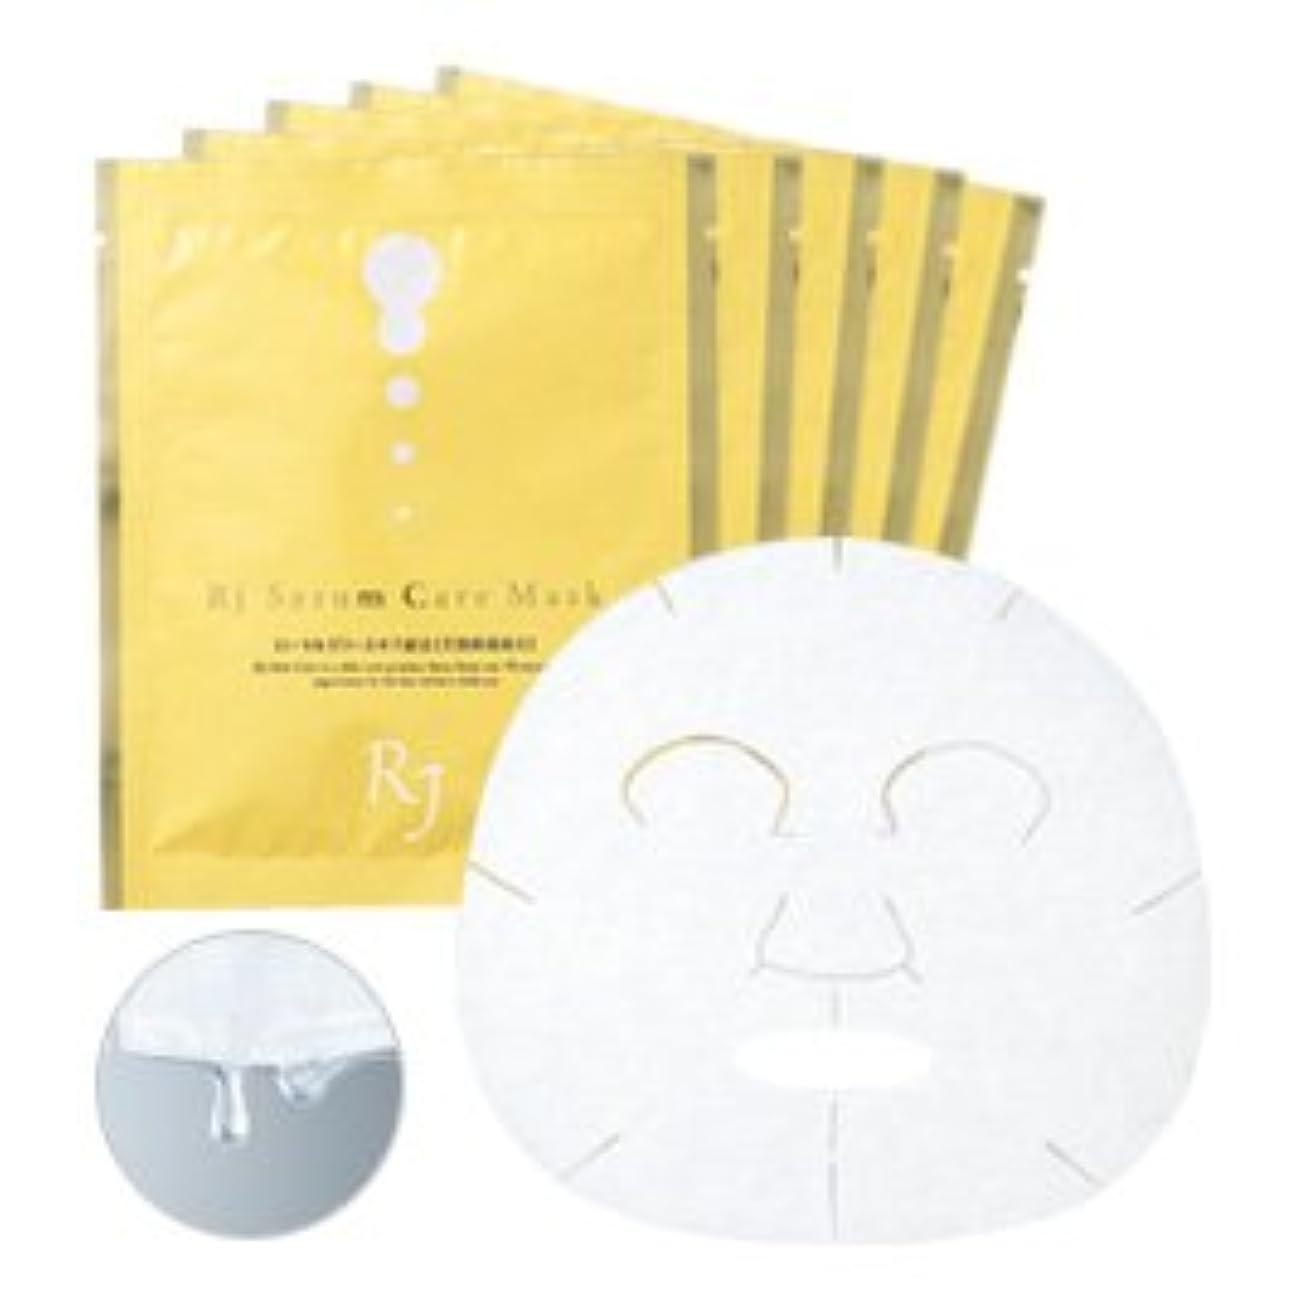 吸収テレマコス影響力のあるRJセラムケア マスク<シート状美容液マスク> 22mL含有×5枚